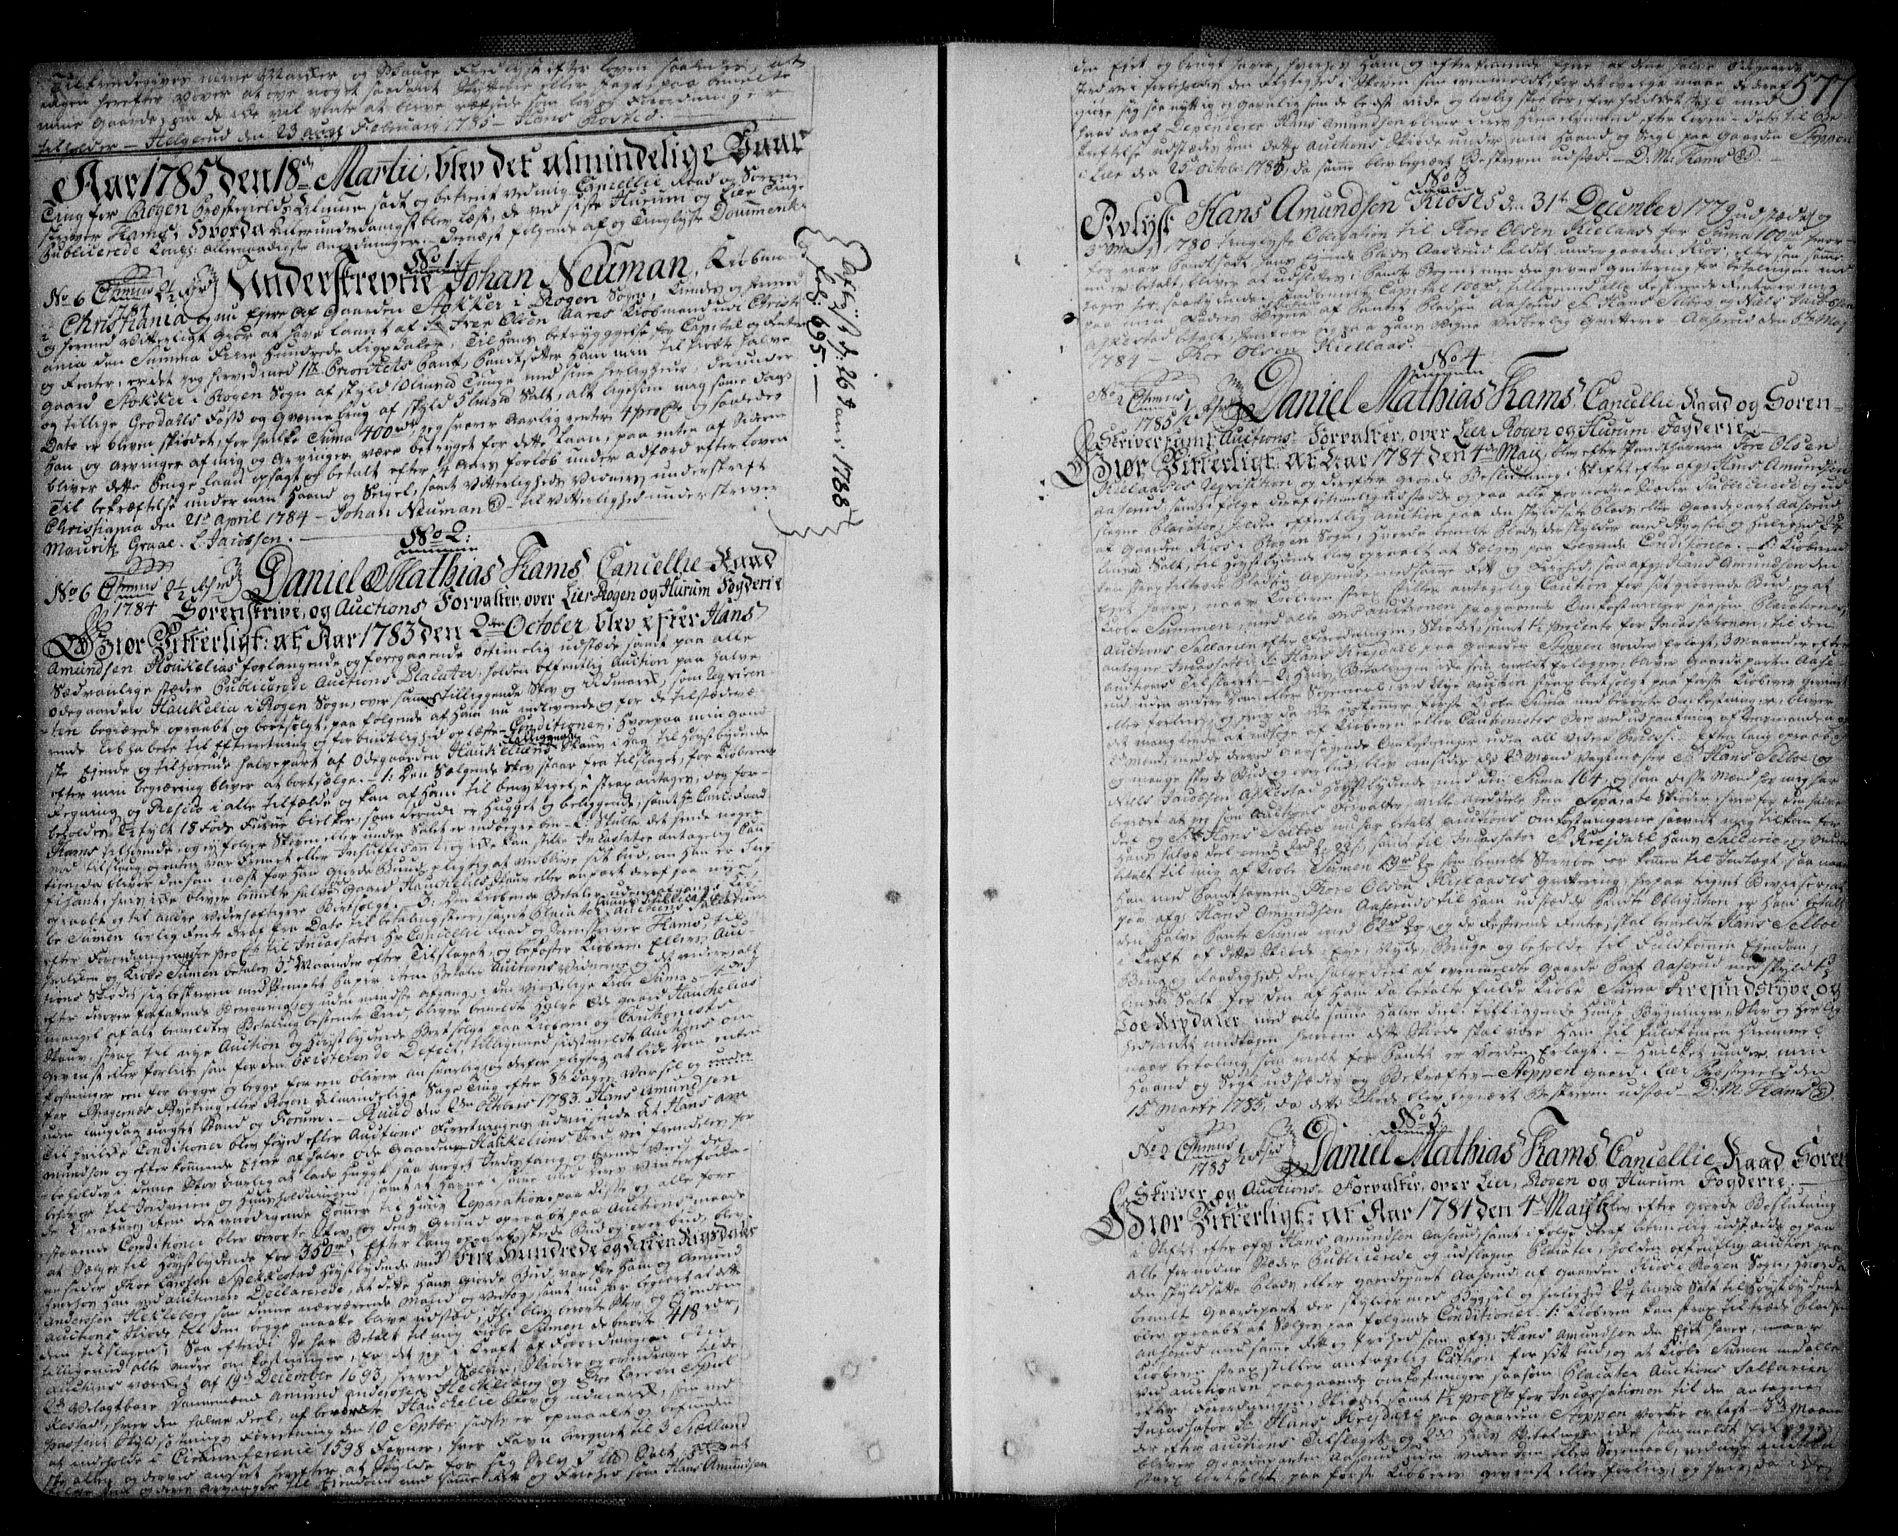 SAKO, Lier, Røyken og Hurum sorenskriveri, G/Ga/Gaa/L0004b: Pantebok nr. IVb, 1779-1788, s. 577